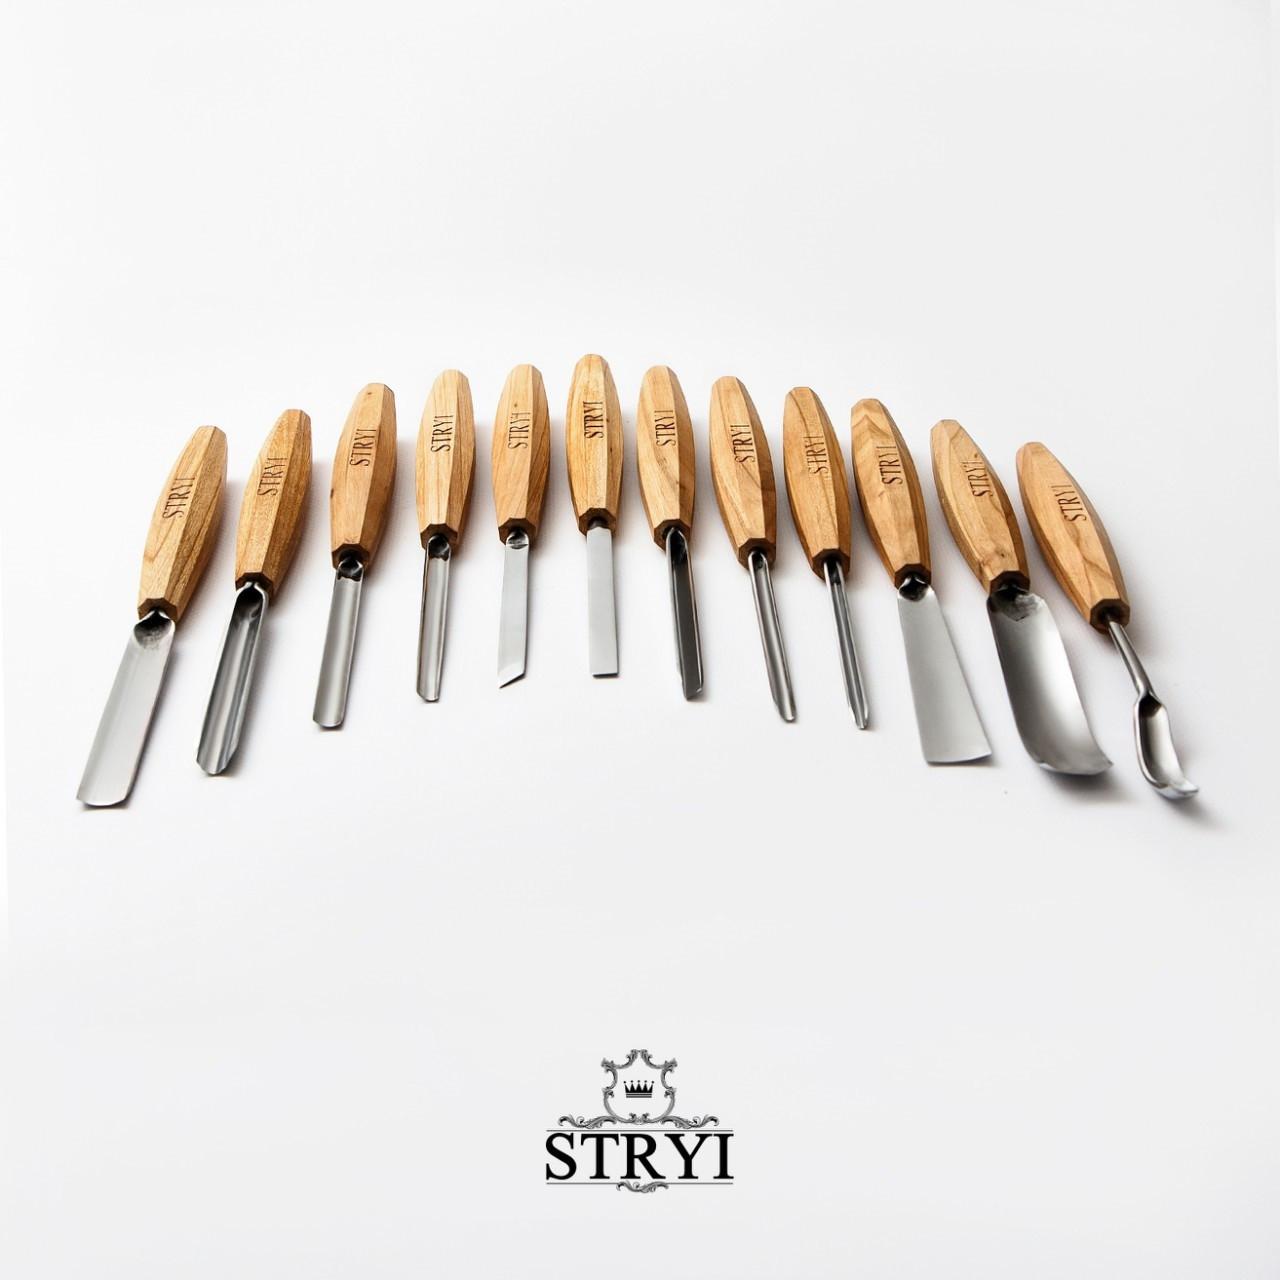 Набор профессиональных стамесок STRYI, 12 шт. от производителя(аналог PFEIL)